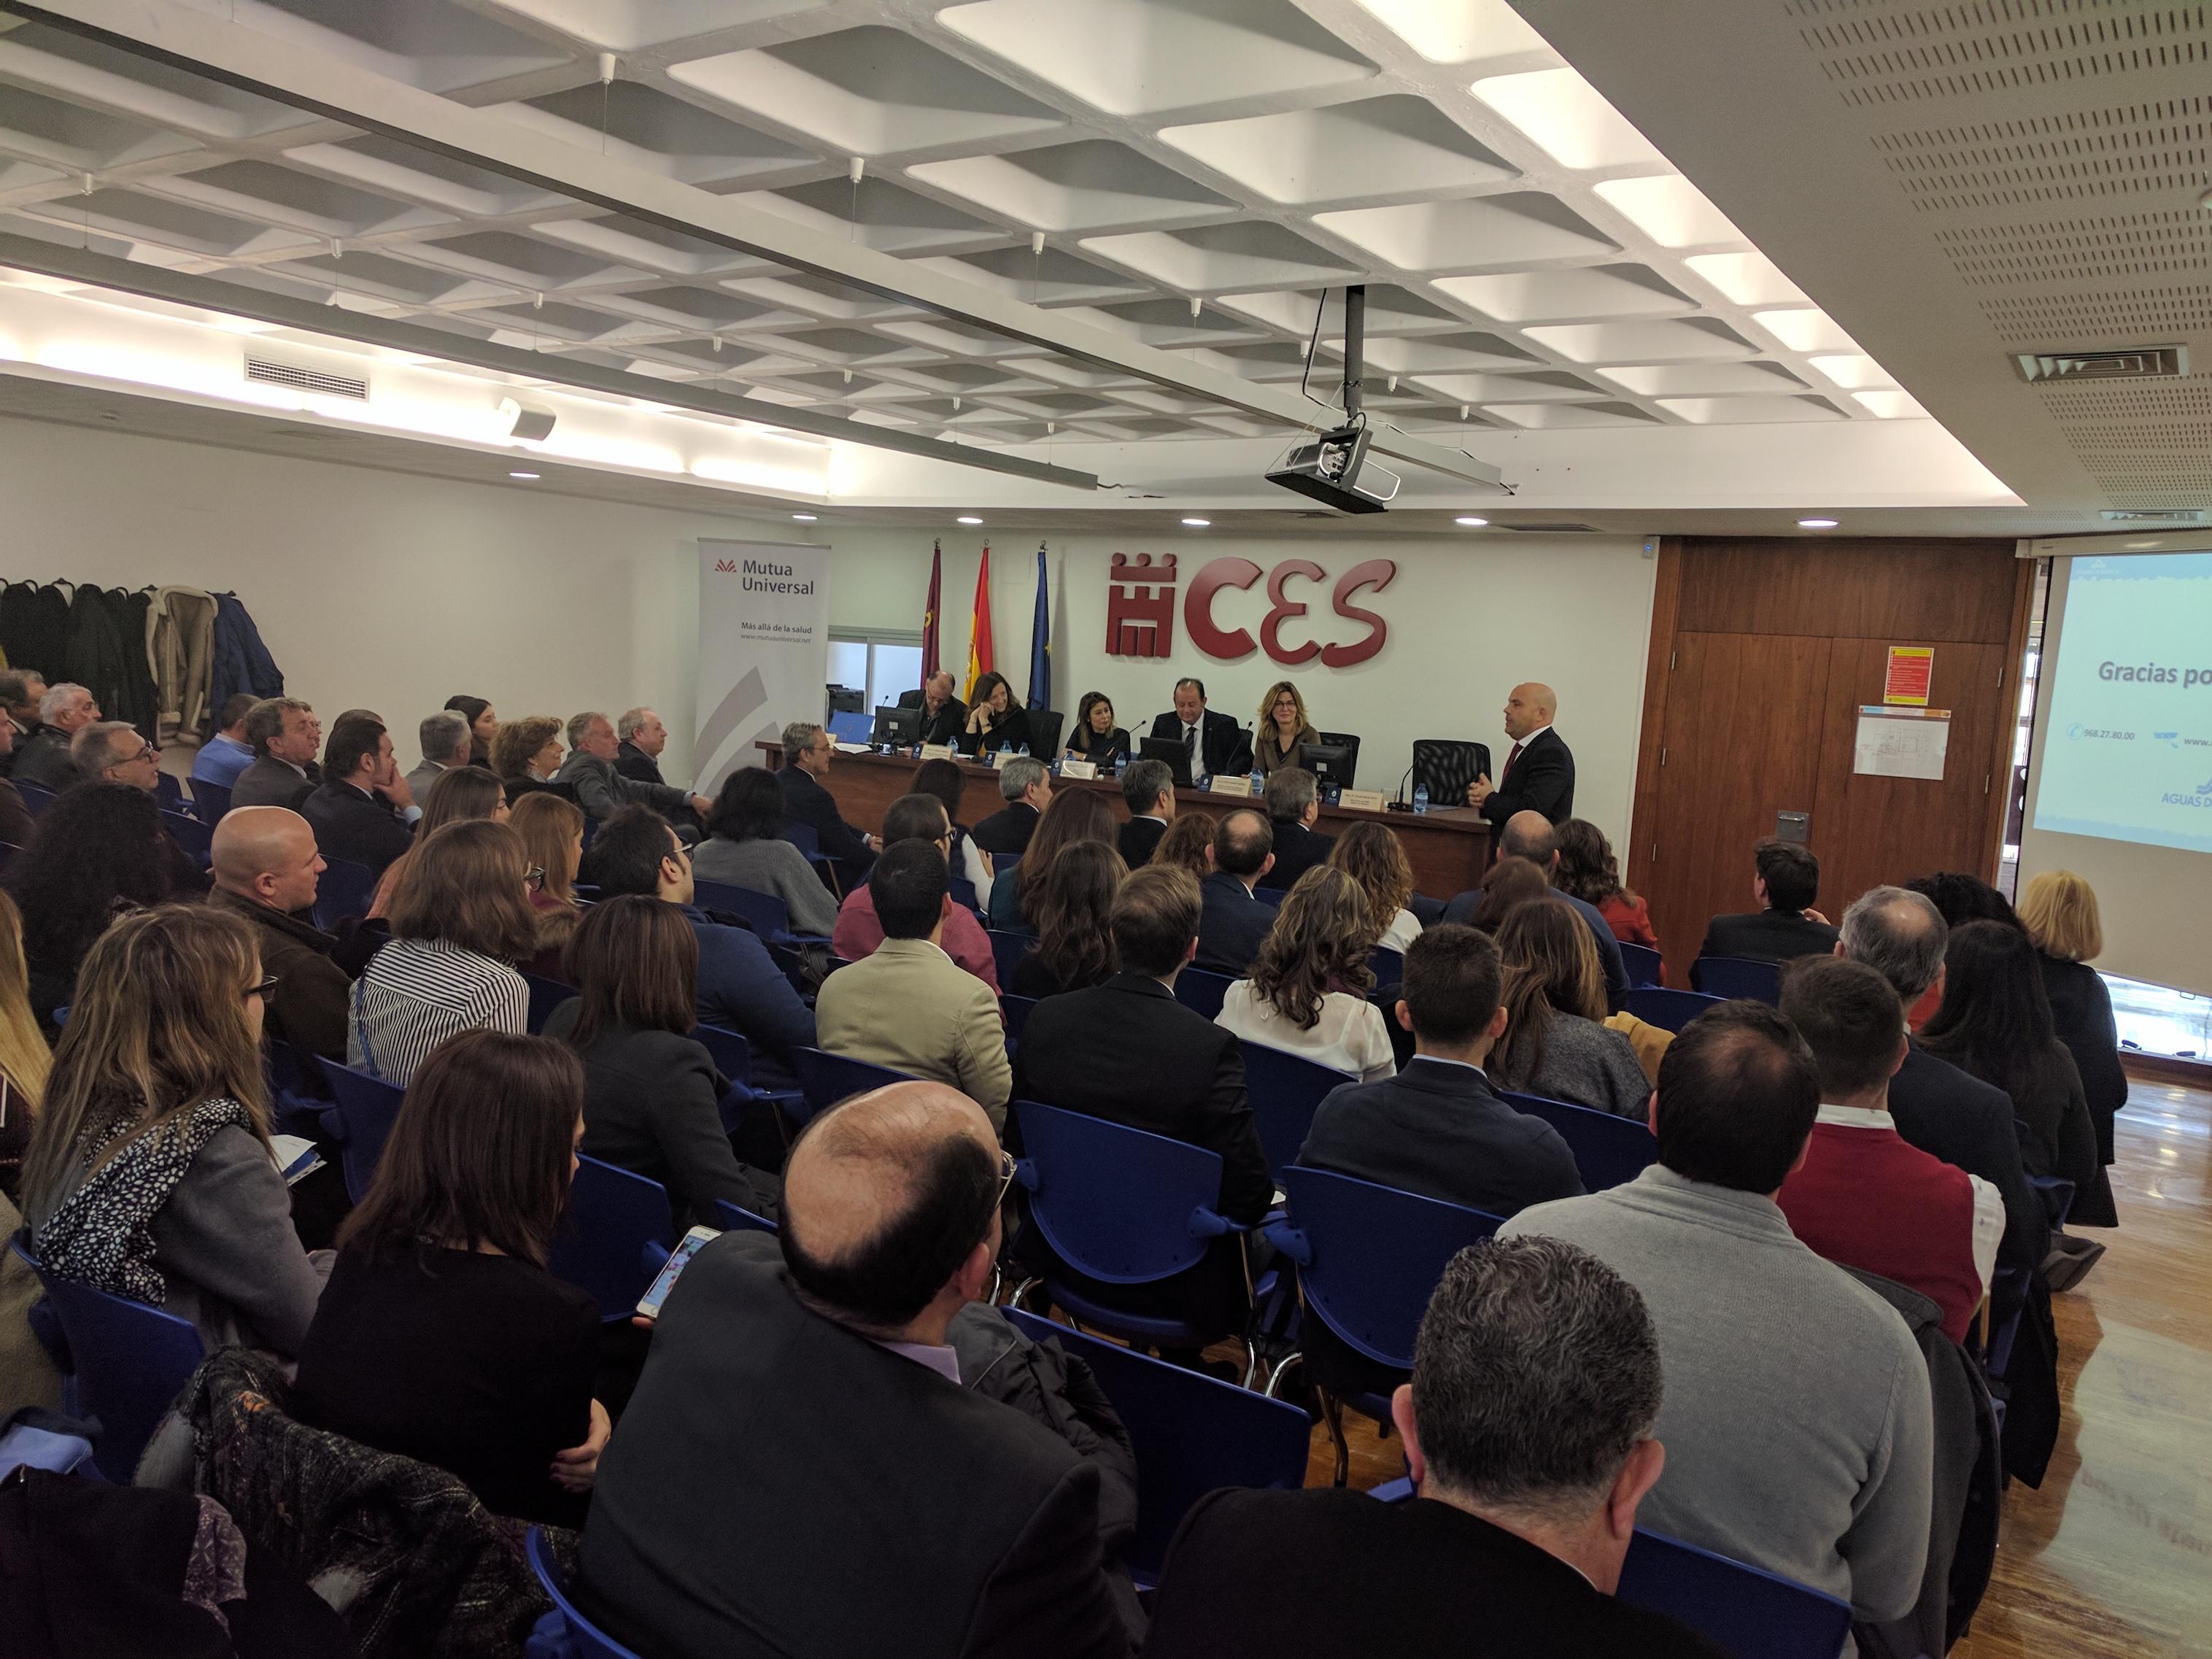 La Cátedra Internacional de Responsabilidad Social Corporativa de la UCAM invita a Grupo Sureste a contar su experiencia